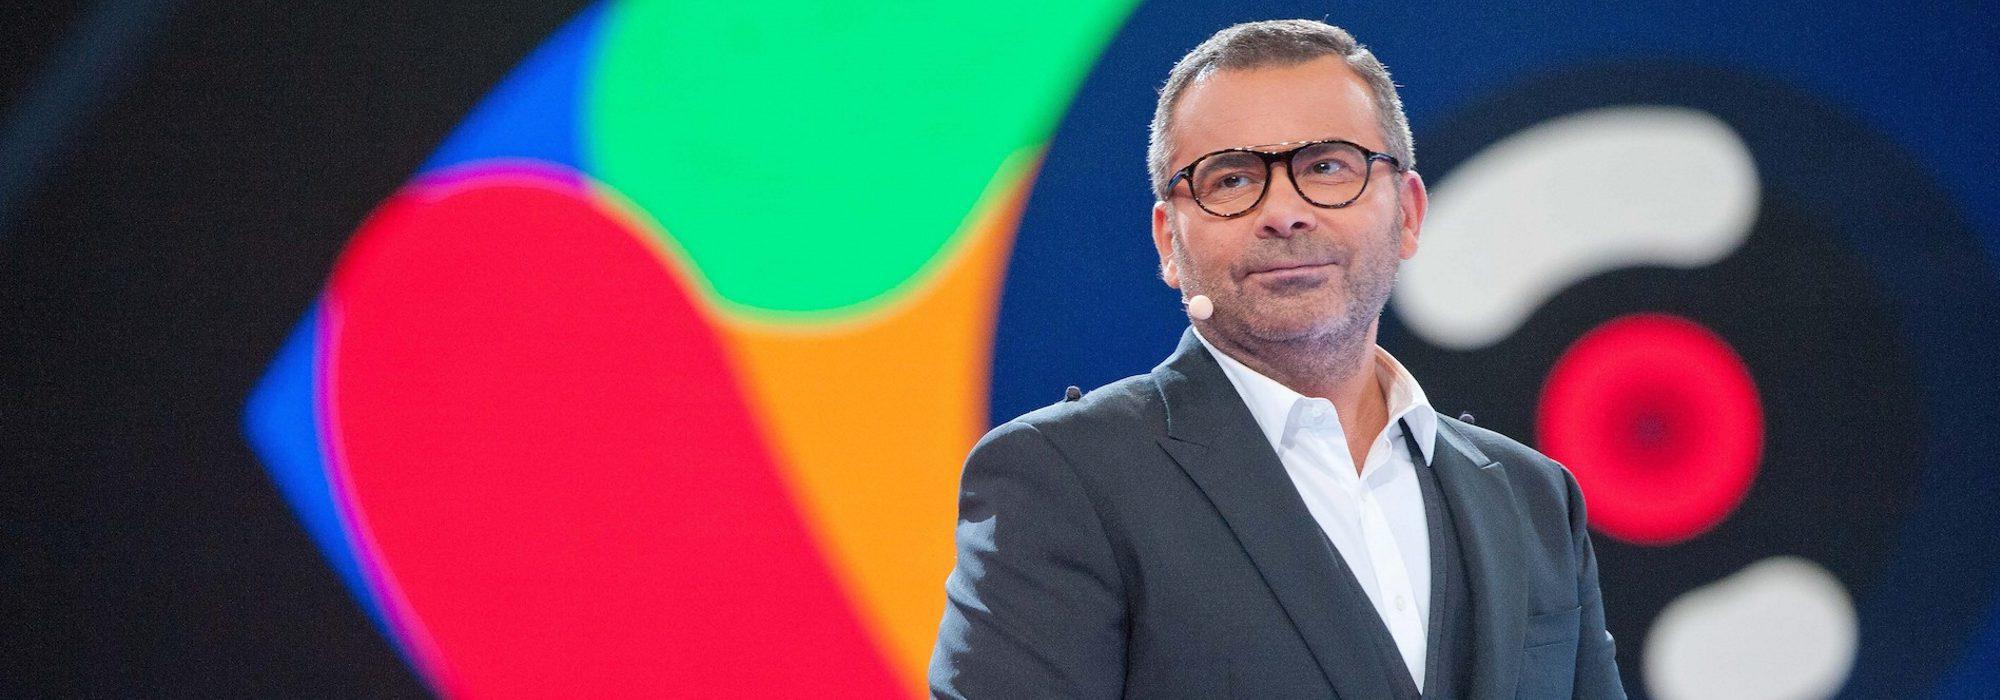 9 claves para que Telecinco no queme y revitalice 'Gran Hermano'